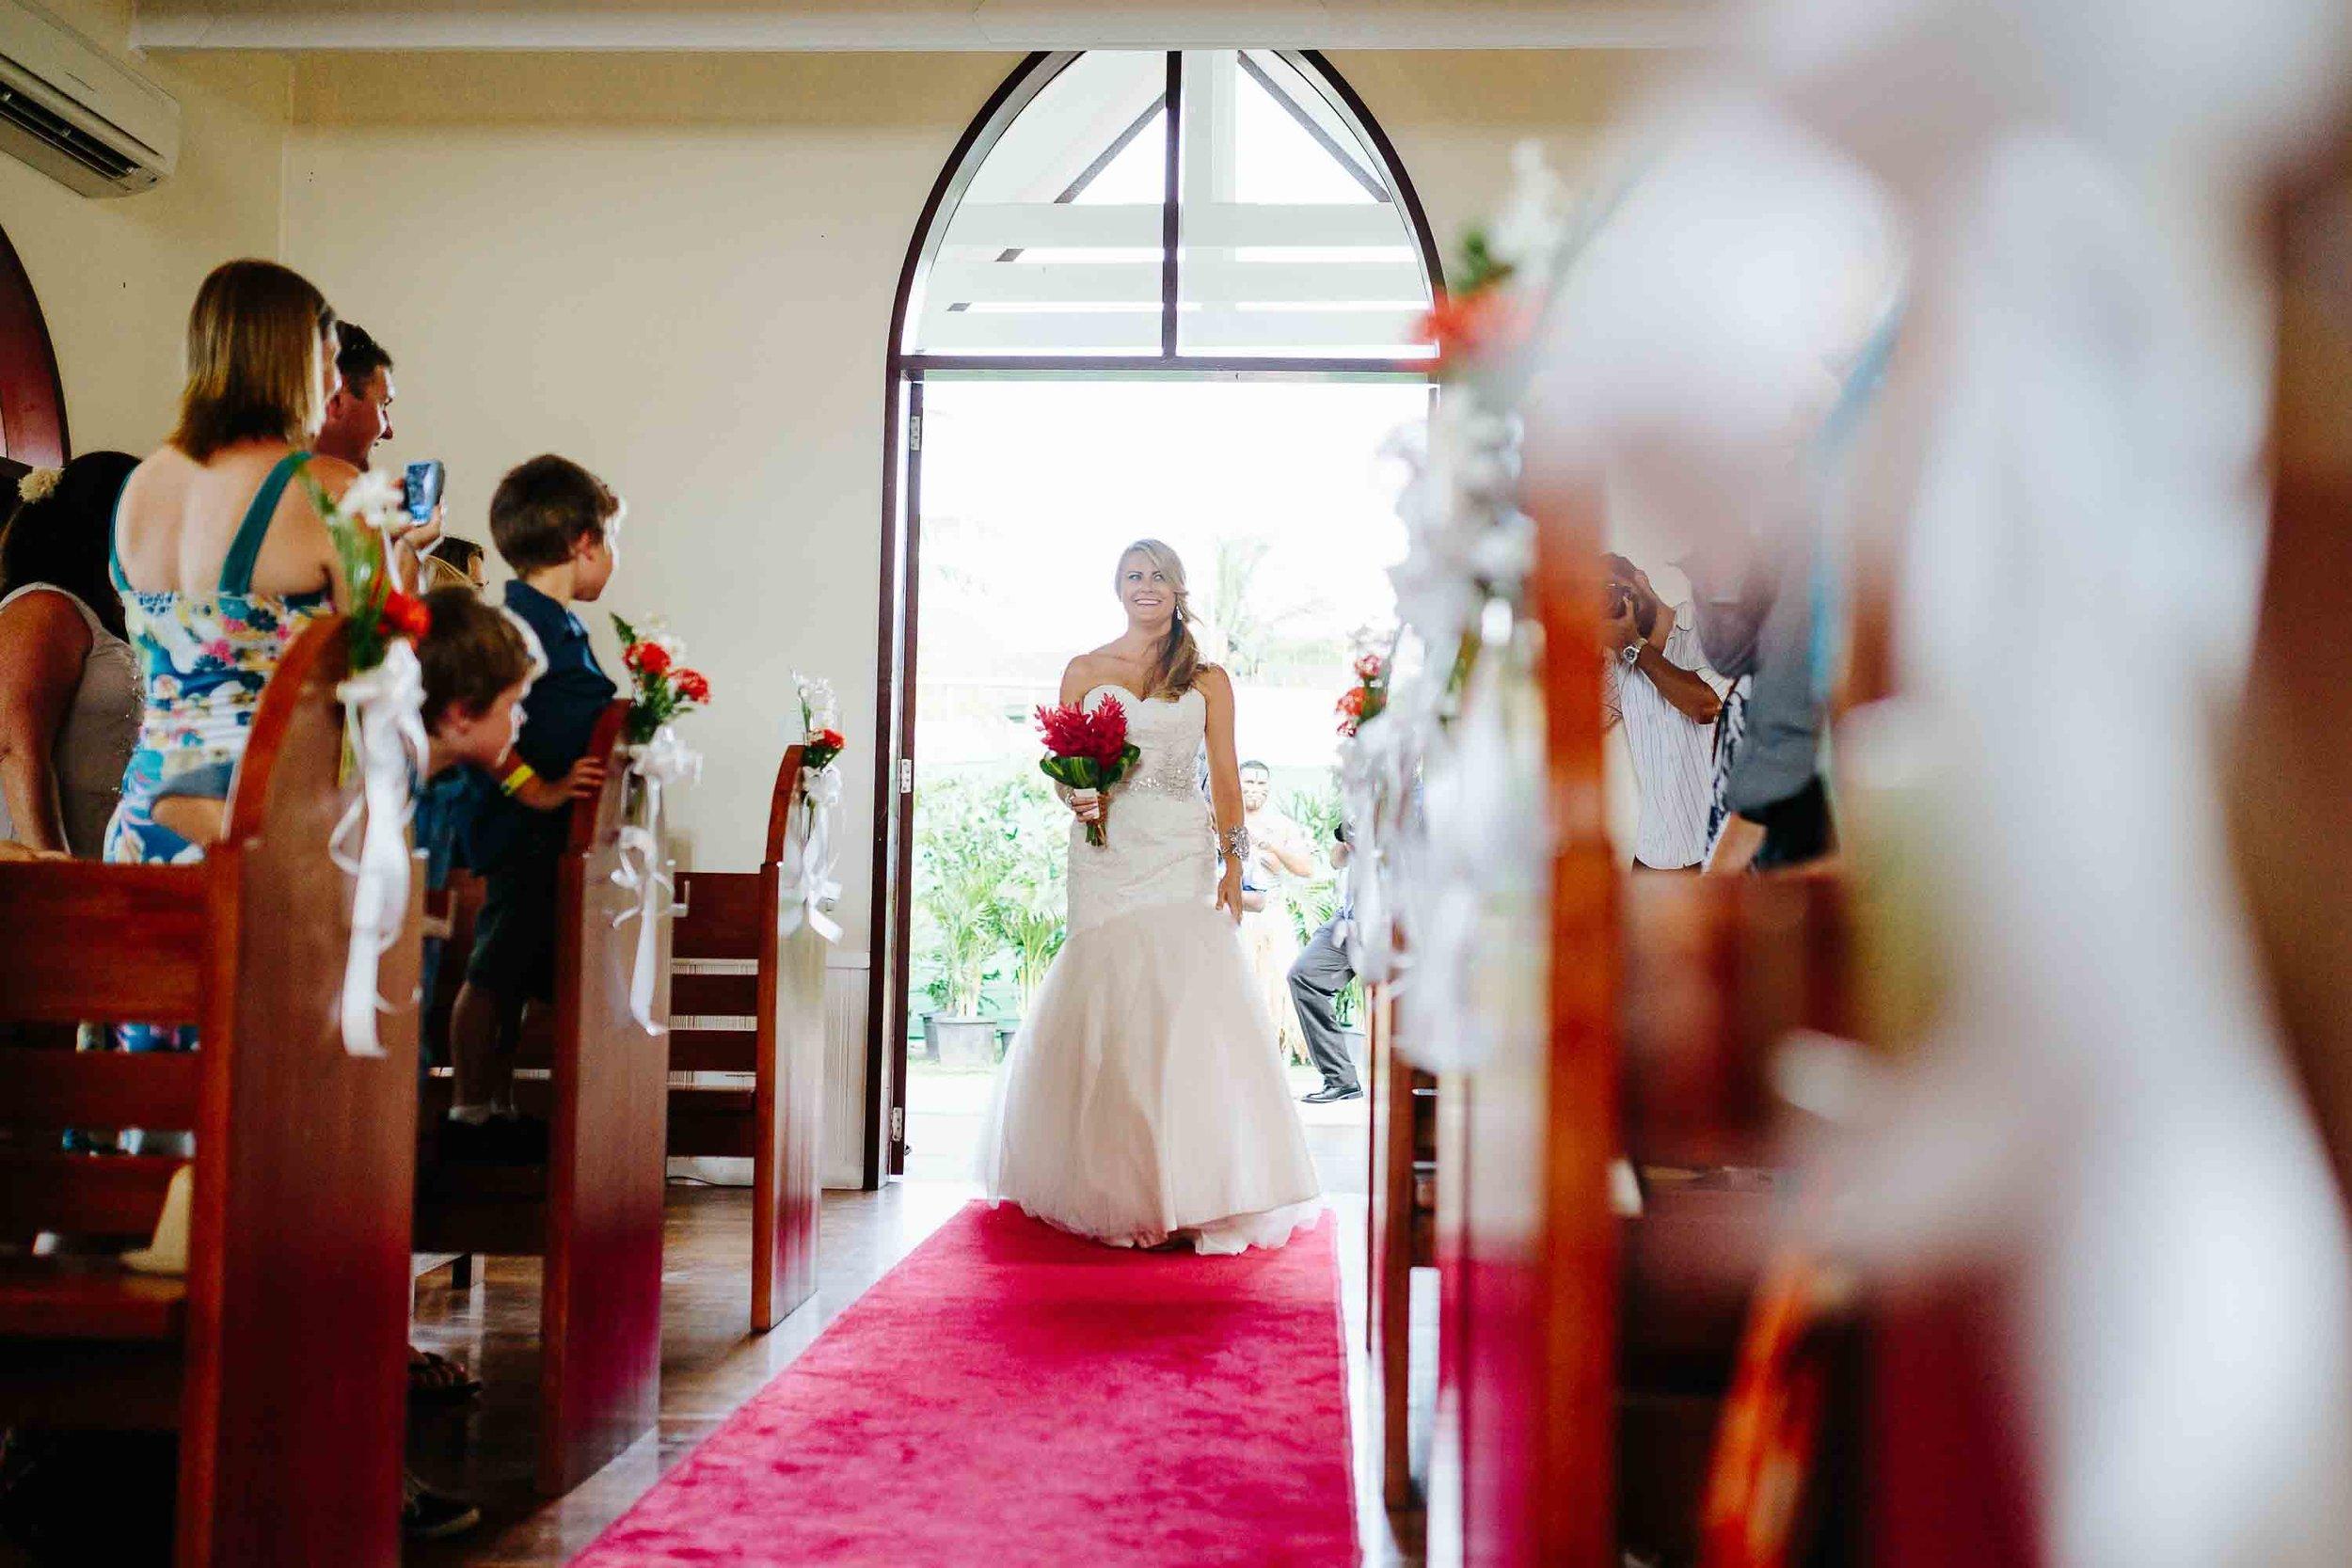 15-Annette-Andrew-Sofitel-Fiji-Wedding-23.jpg